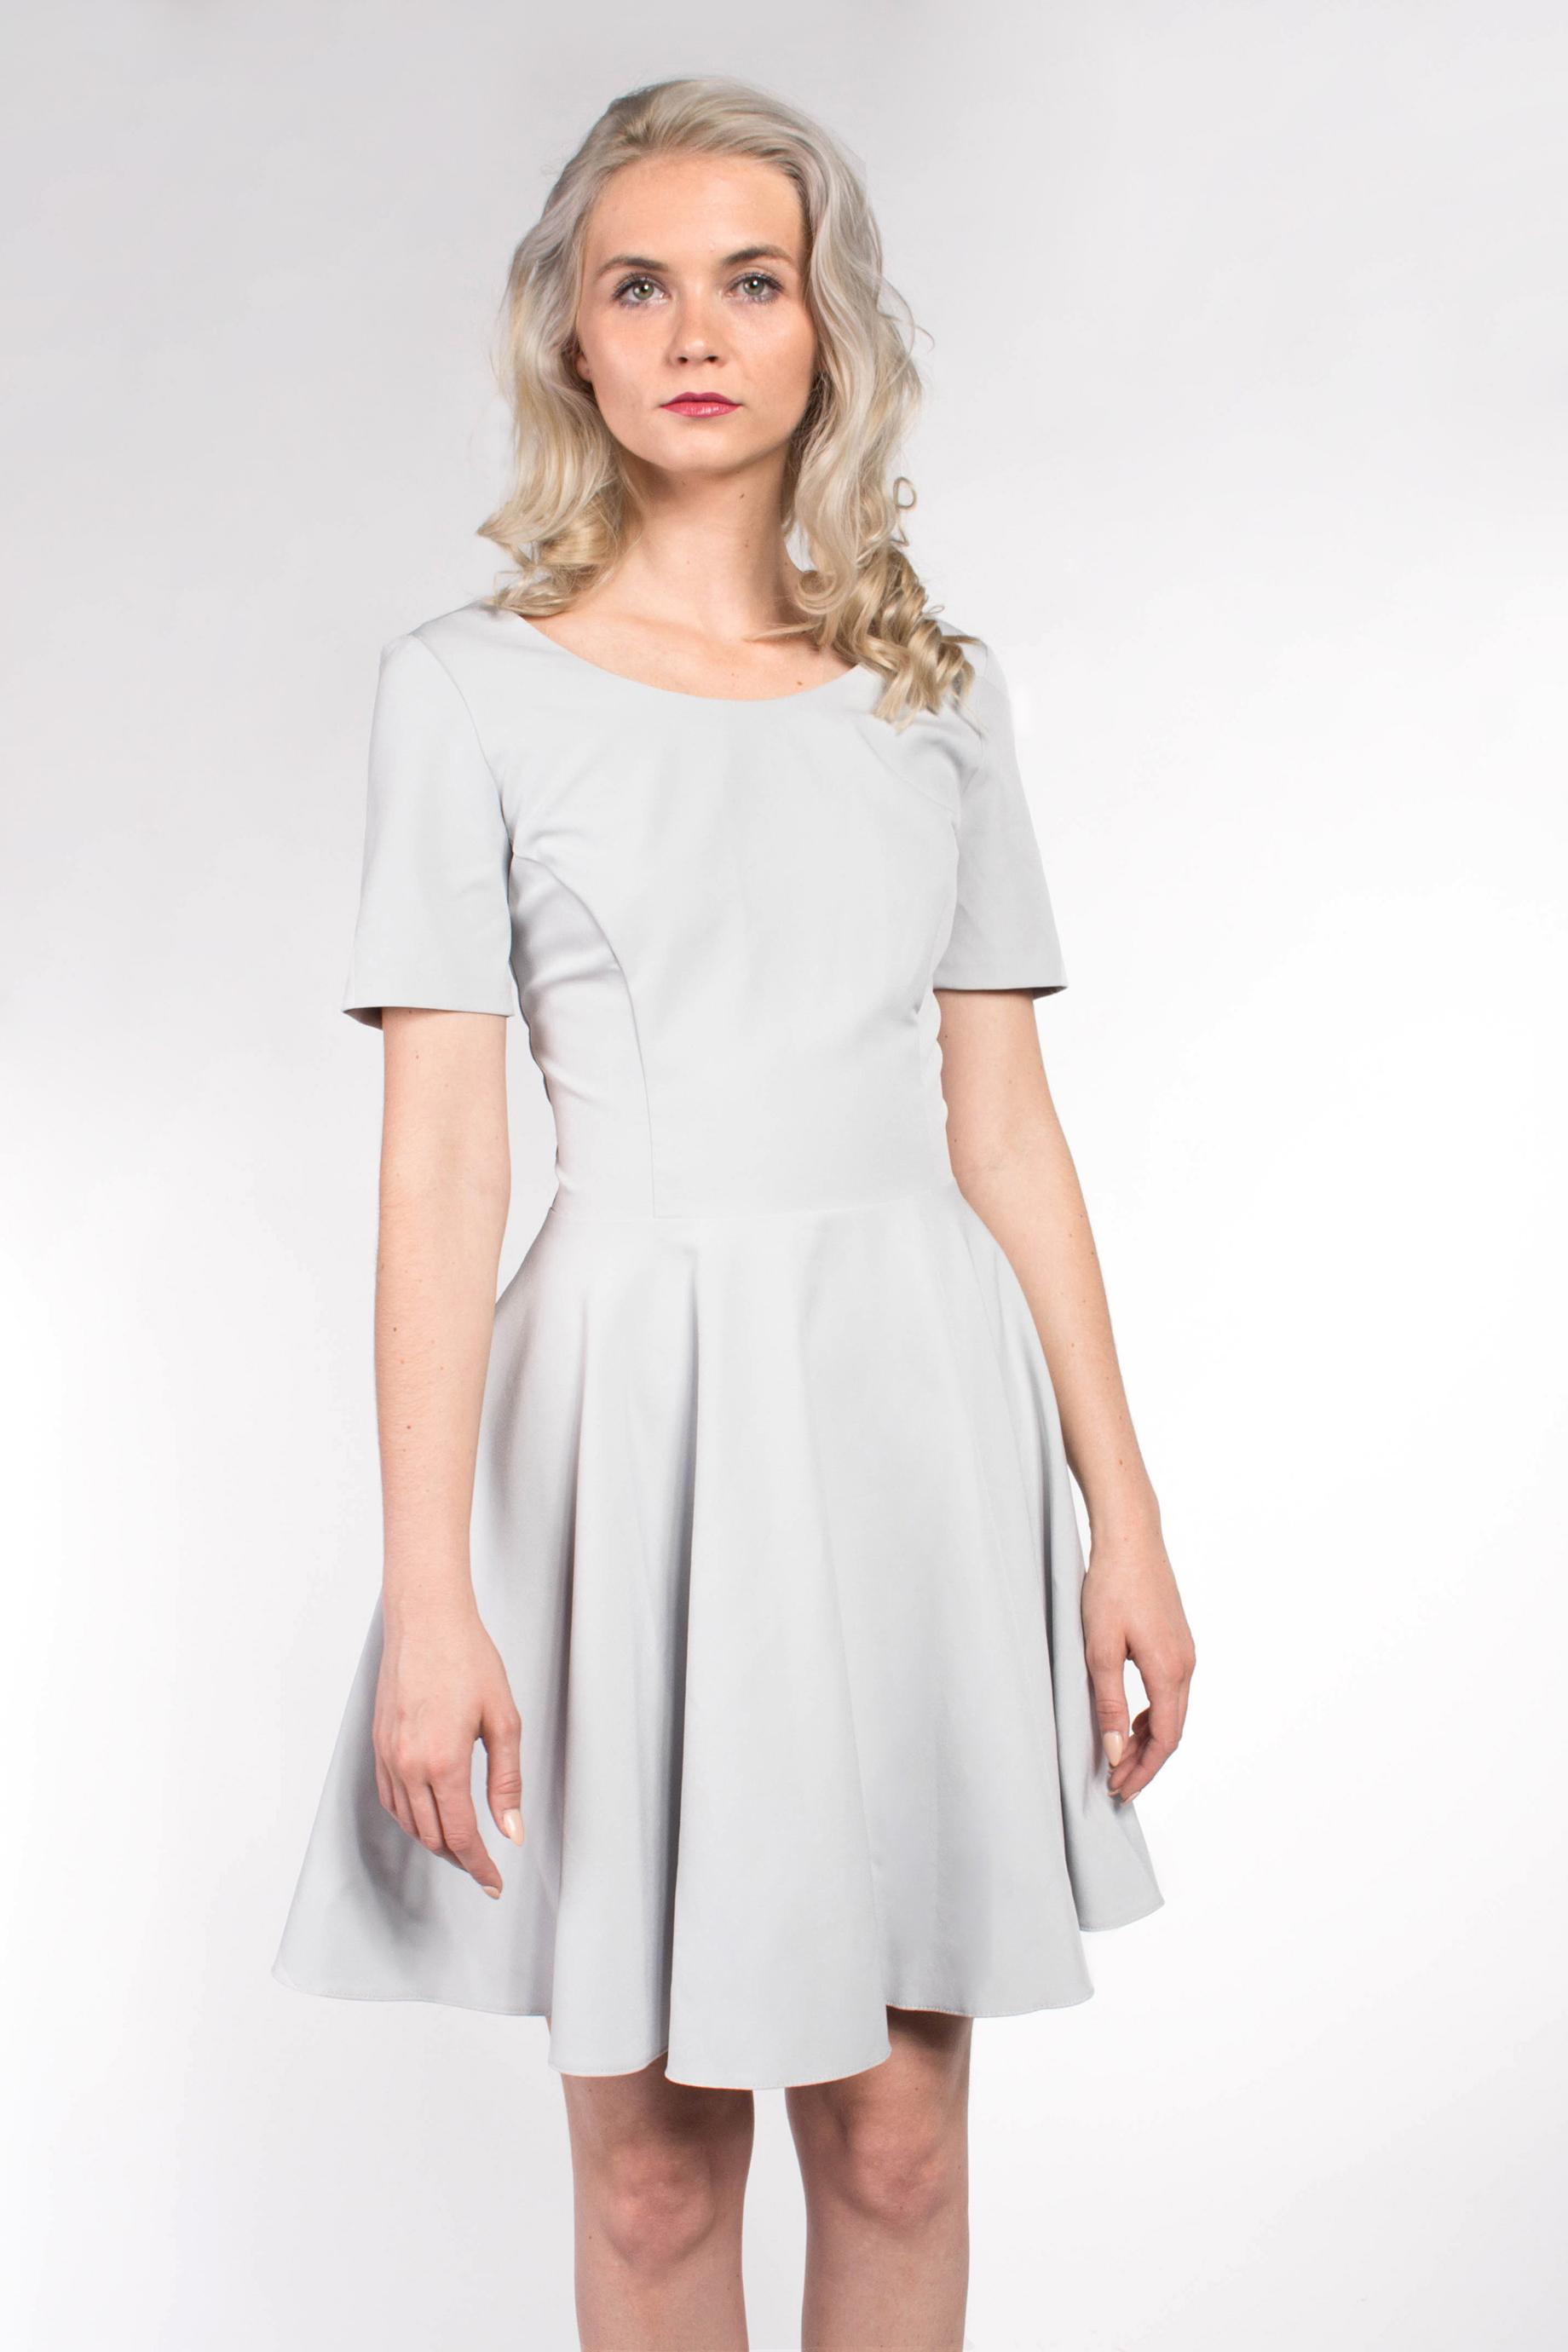 dd86a1581cfd iné Mohito modré šaty s krátkym rukávom - Glami.sk